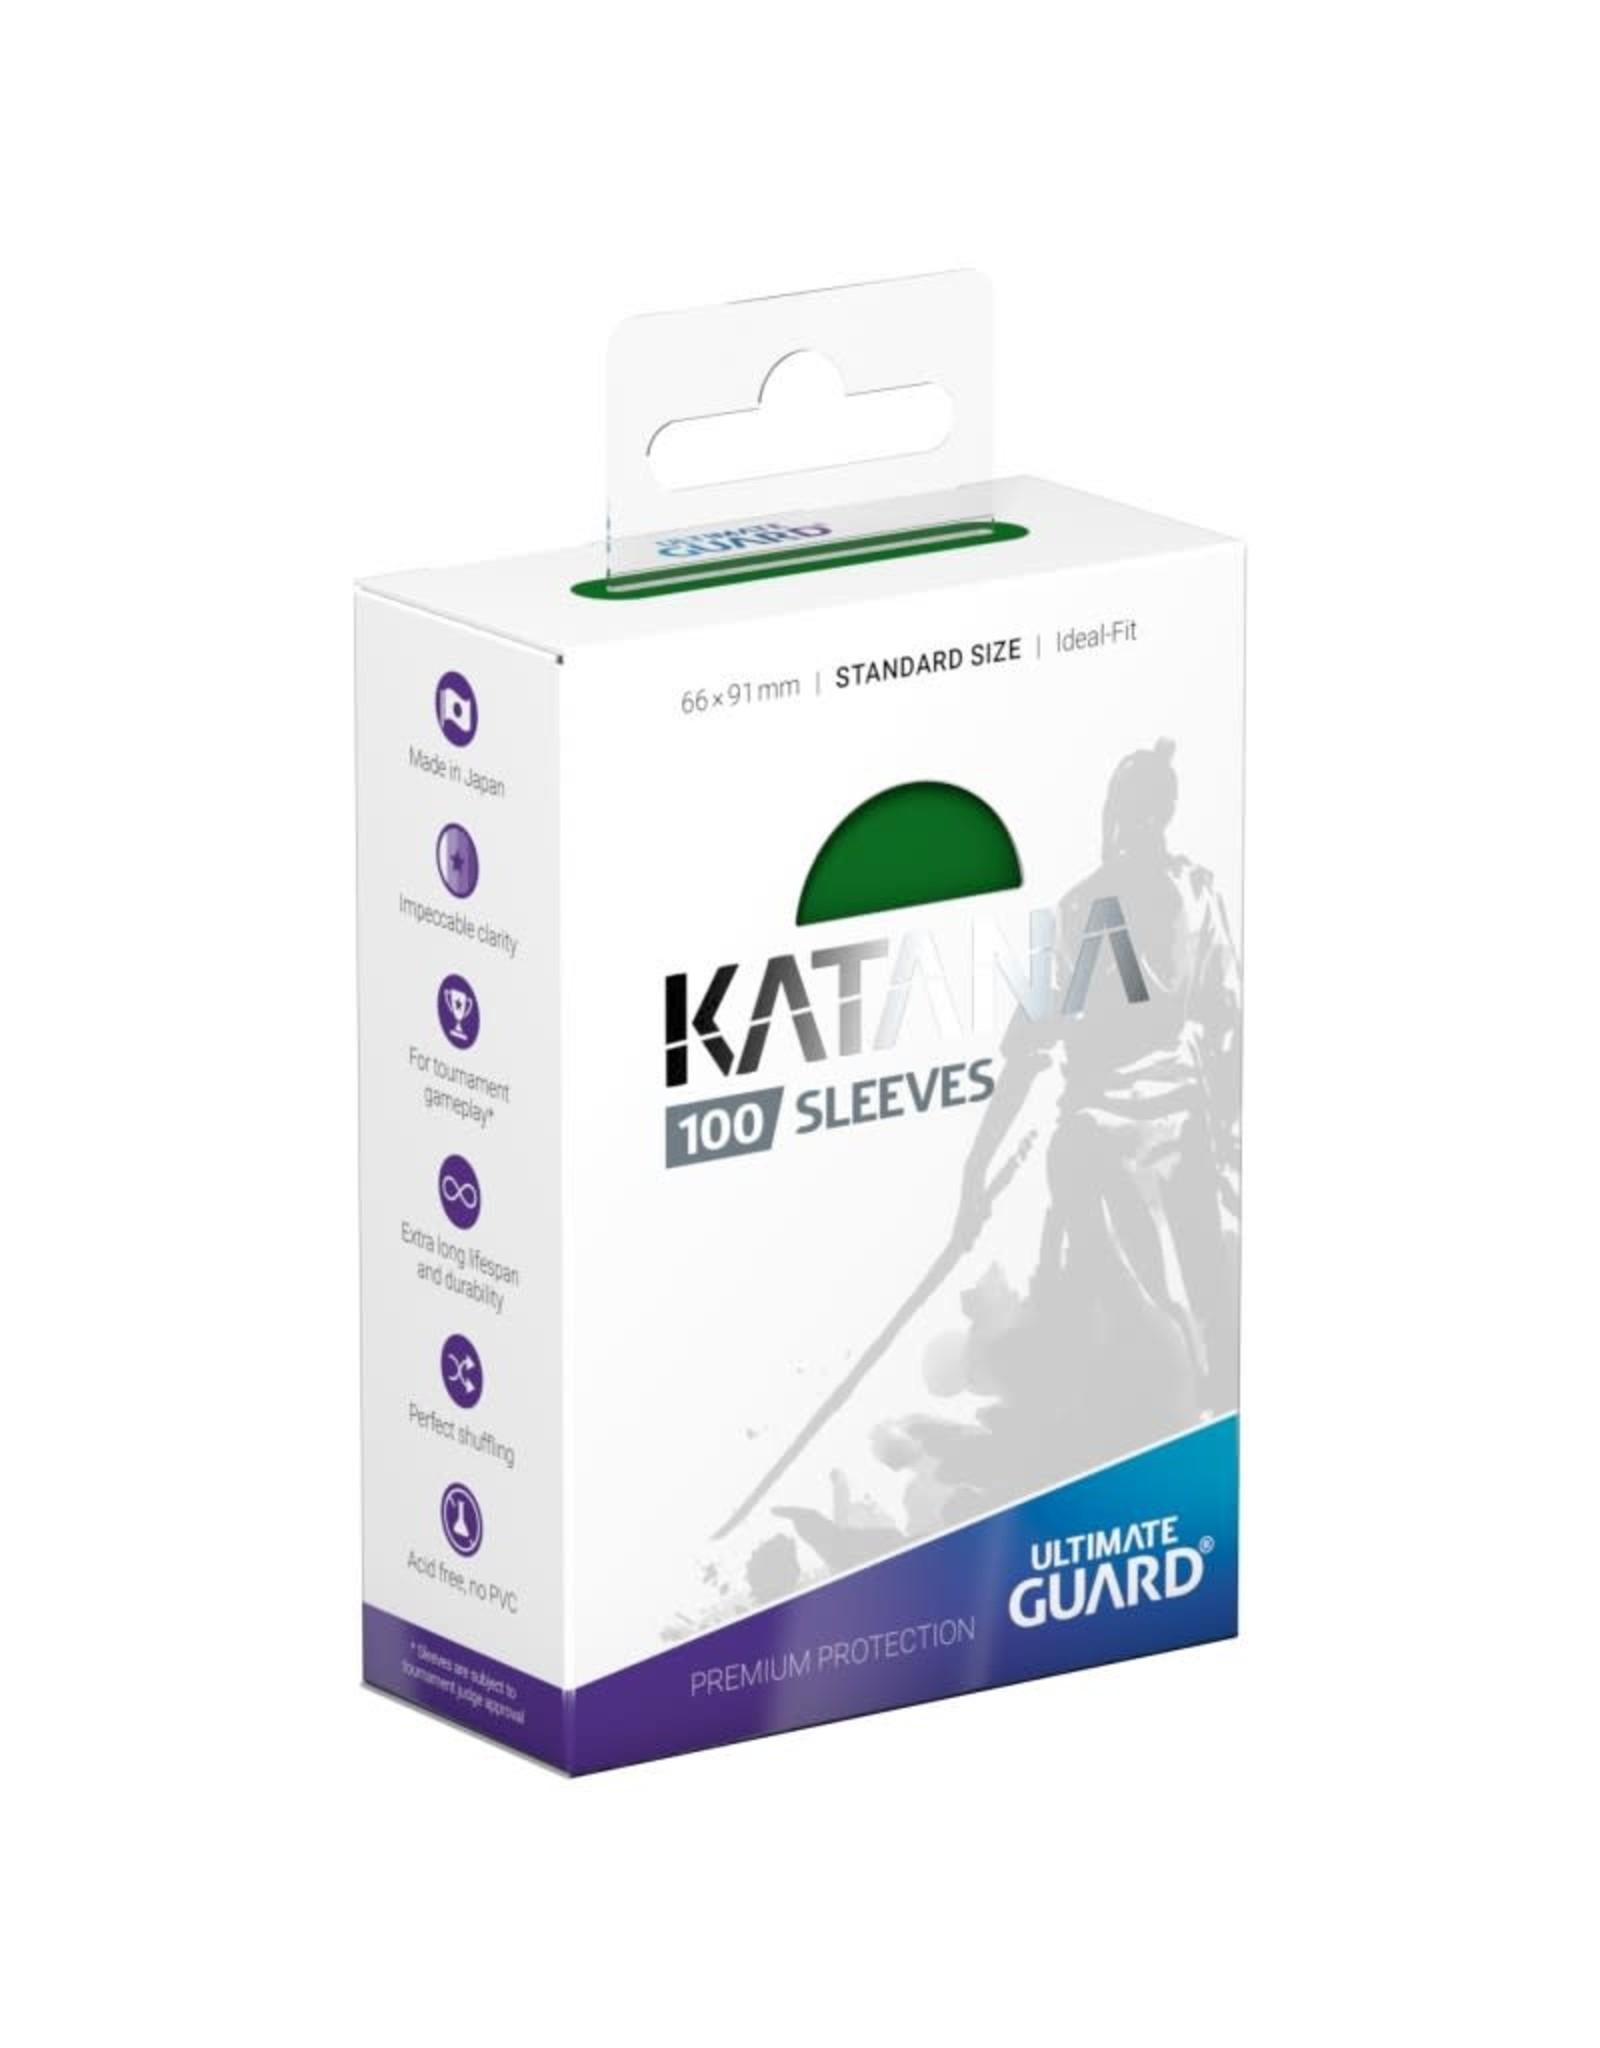 Ultimate Guard Katana Sleeves: 100ct Green